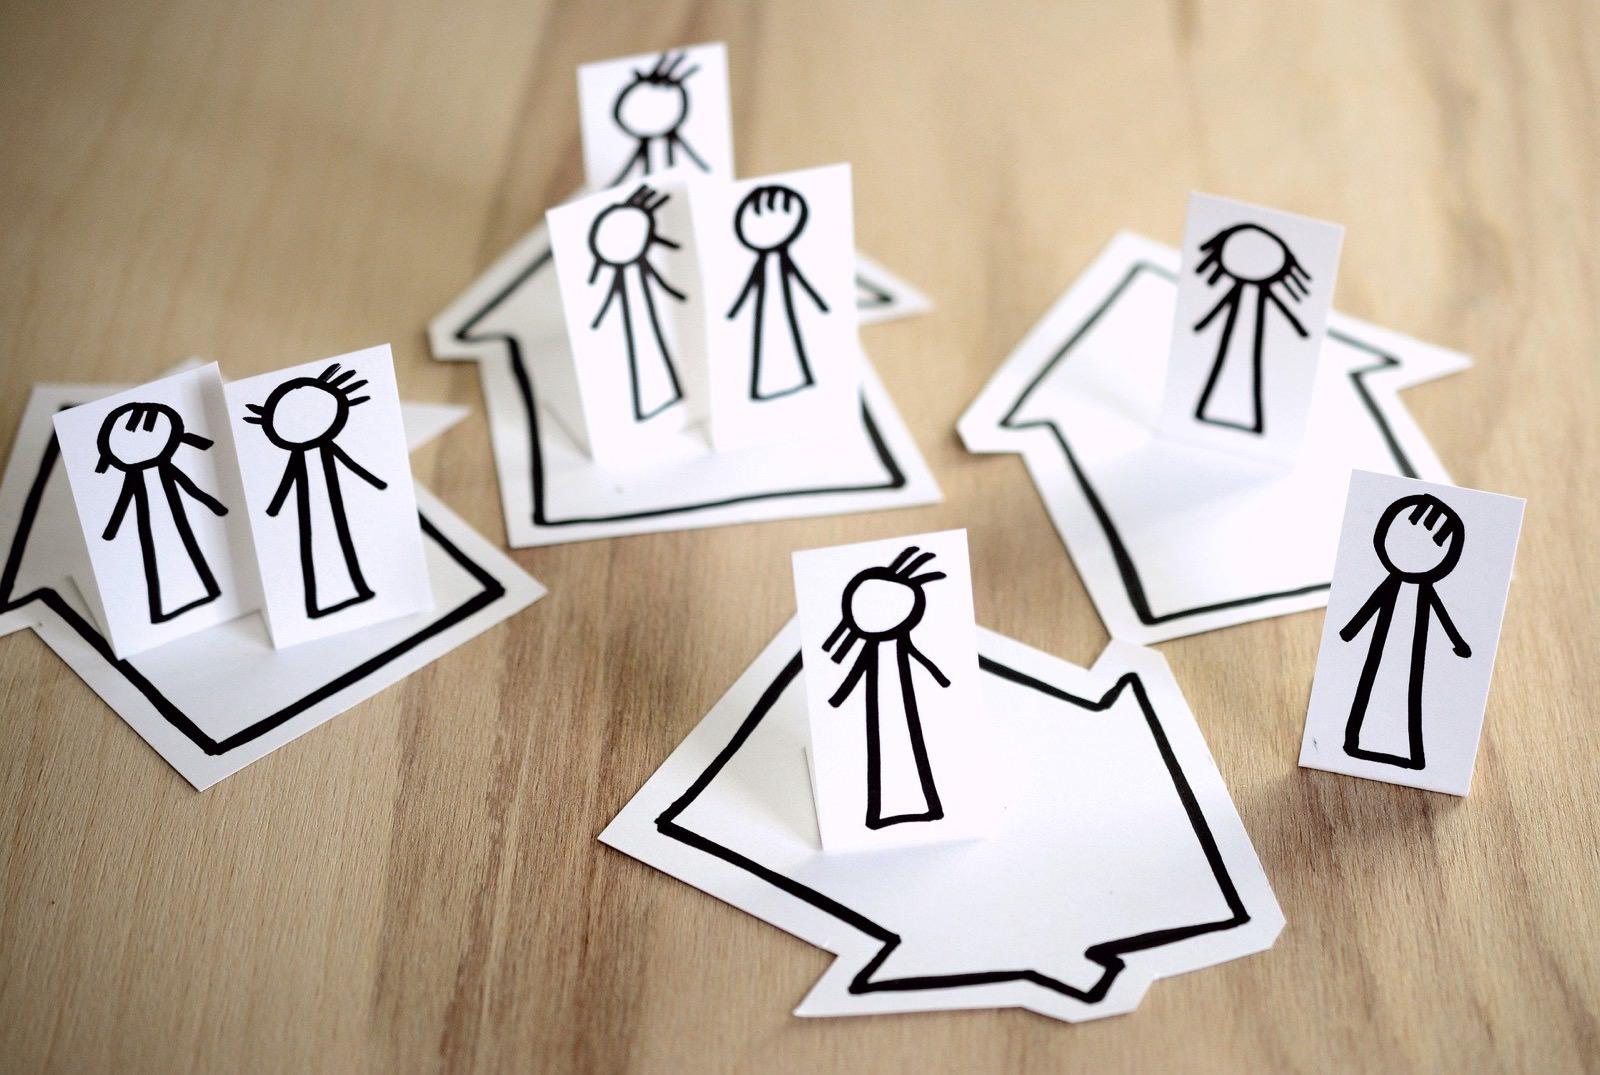 Zwei Wochen in häuslicher Isolation (Symbolbild) | Foto: congerdesign (via Pixabay)